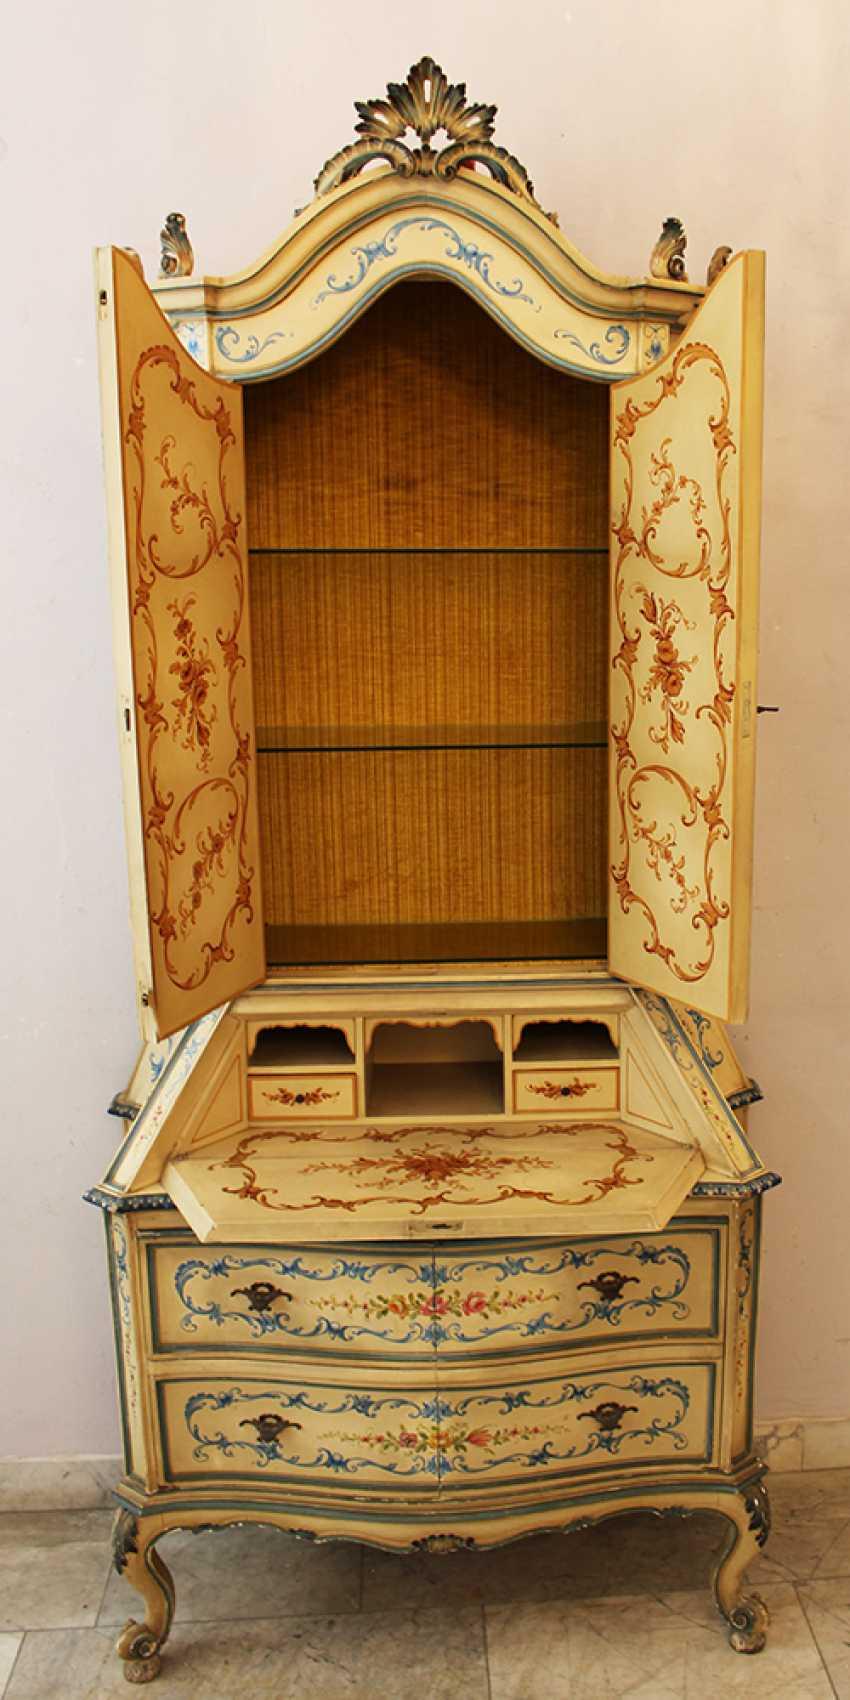 Venetian Bureau in baroque style - photo 3